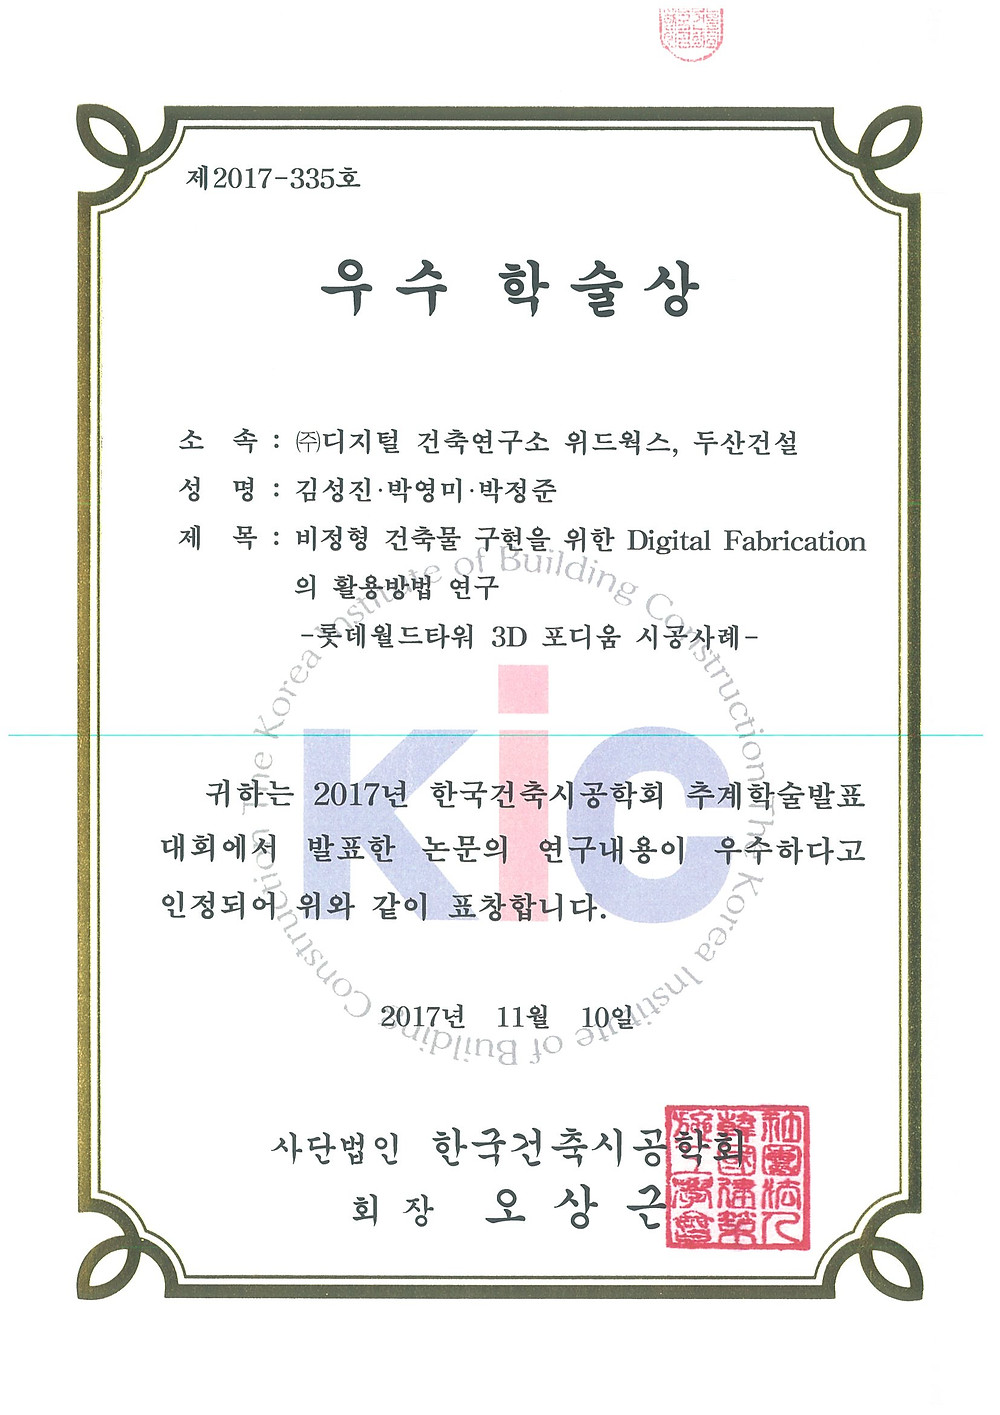 우수학술상 _ 롯데월드타워 3D 포디움